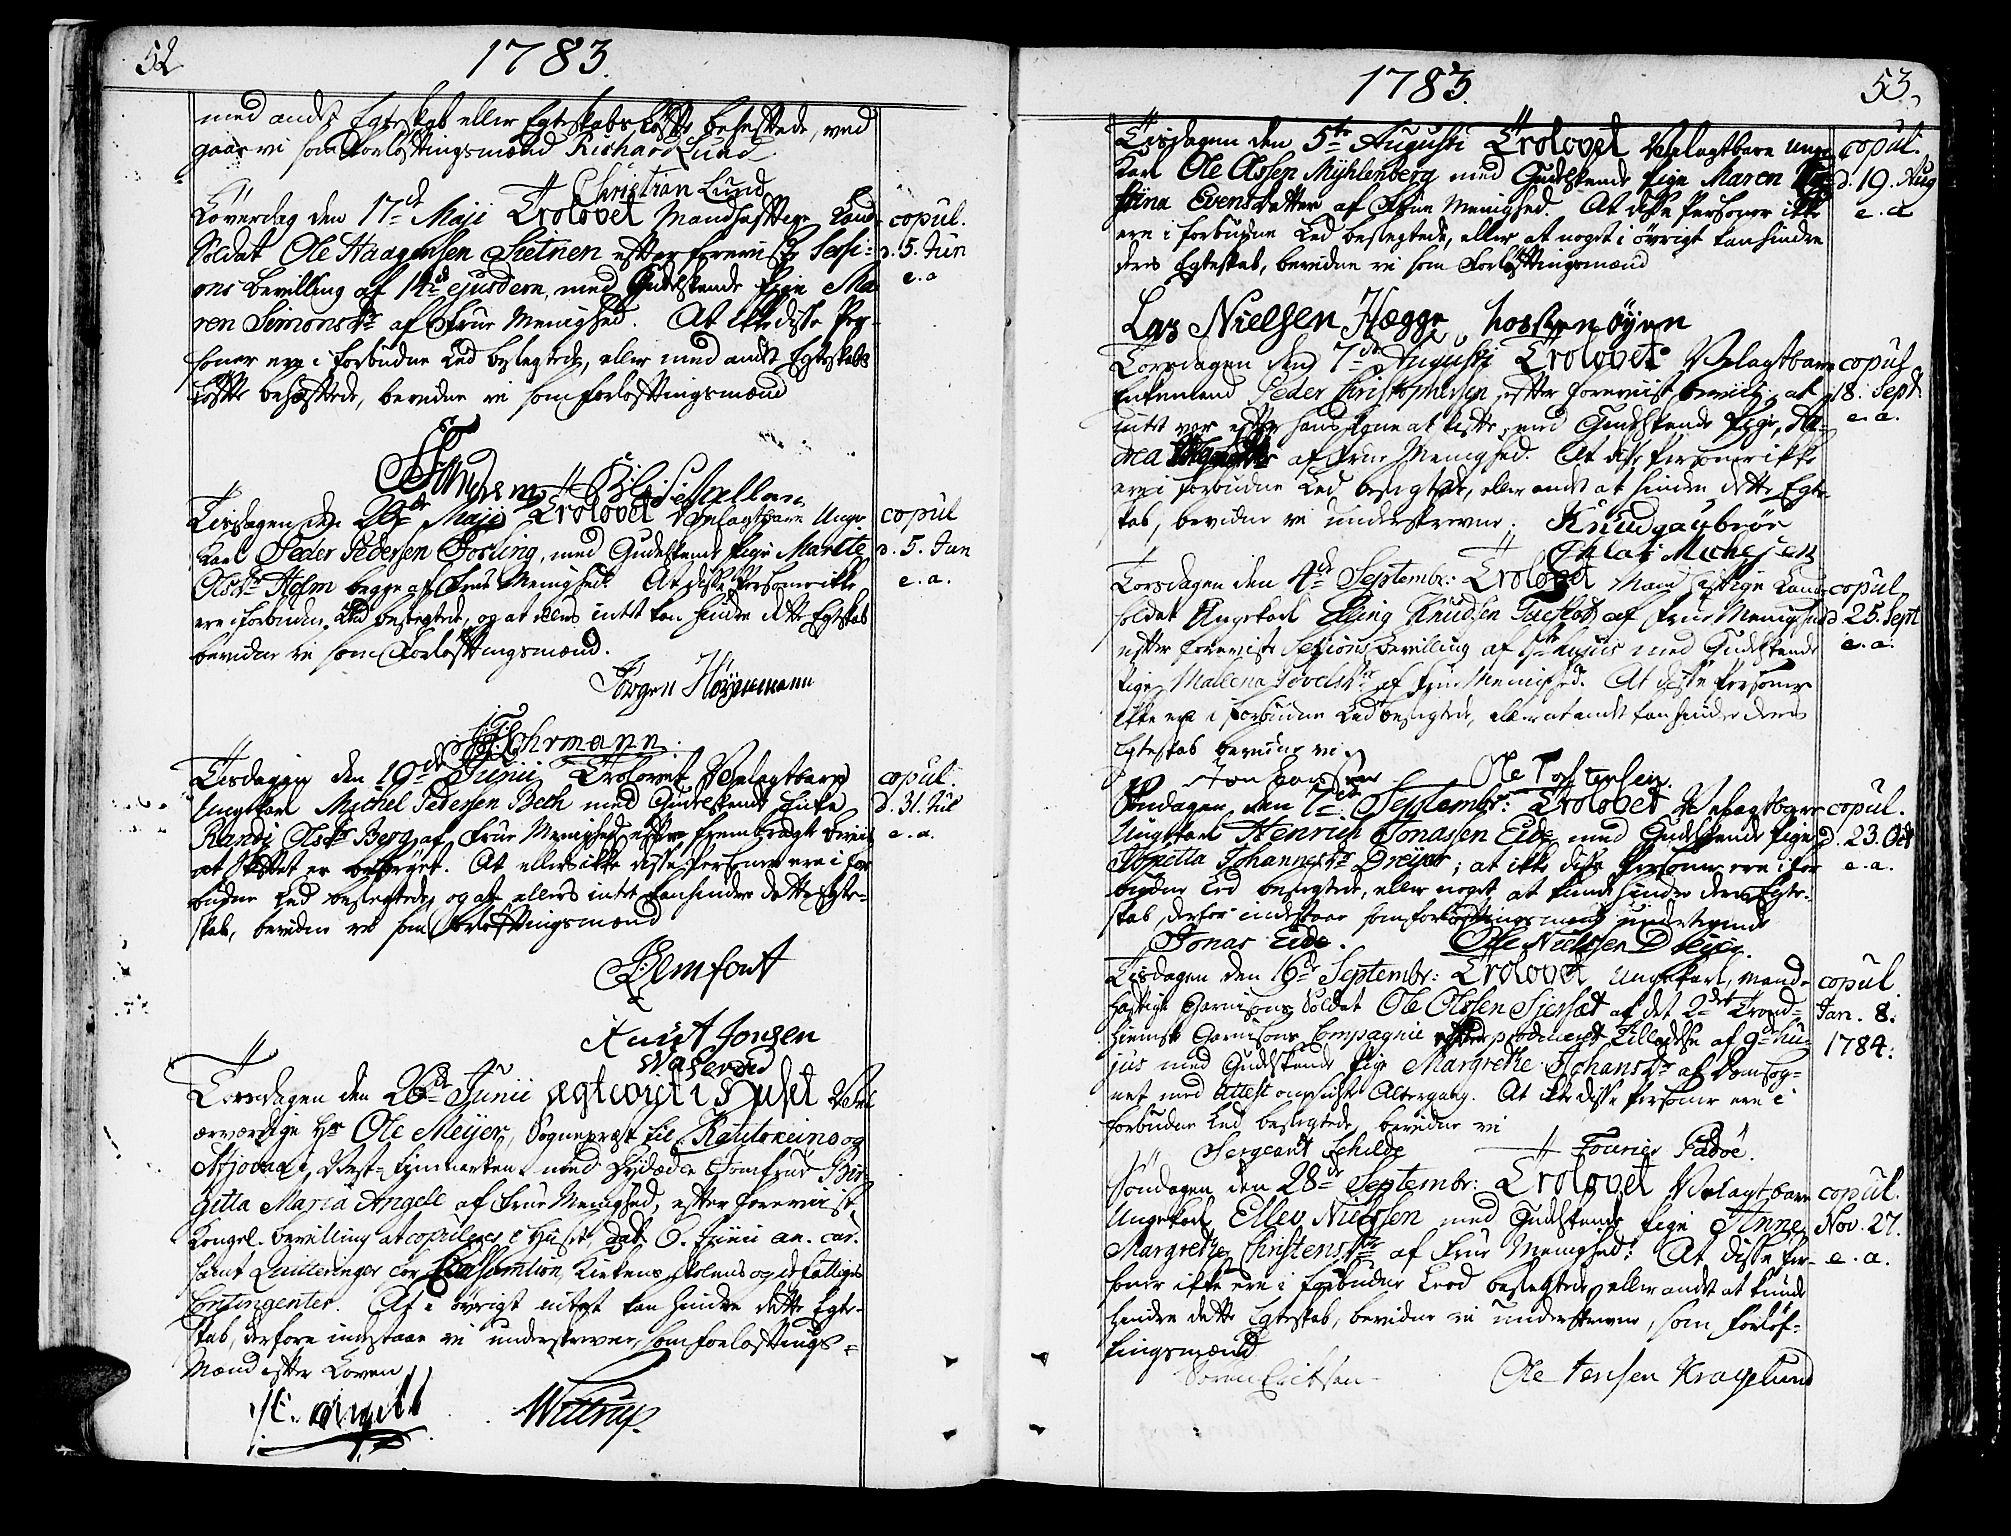 SAT, Ministerialprotokoller, klokkerbøker og fødselsregistre - Sør-Trøndelag, 602/L0105: Ministerialbok nr. 602A03, 1774-1814, s. 52-53